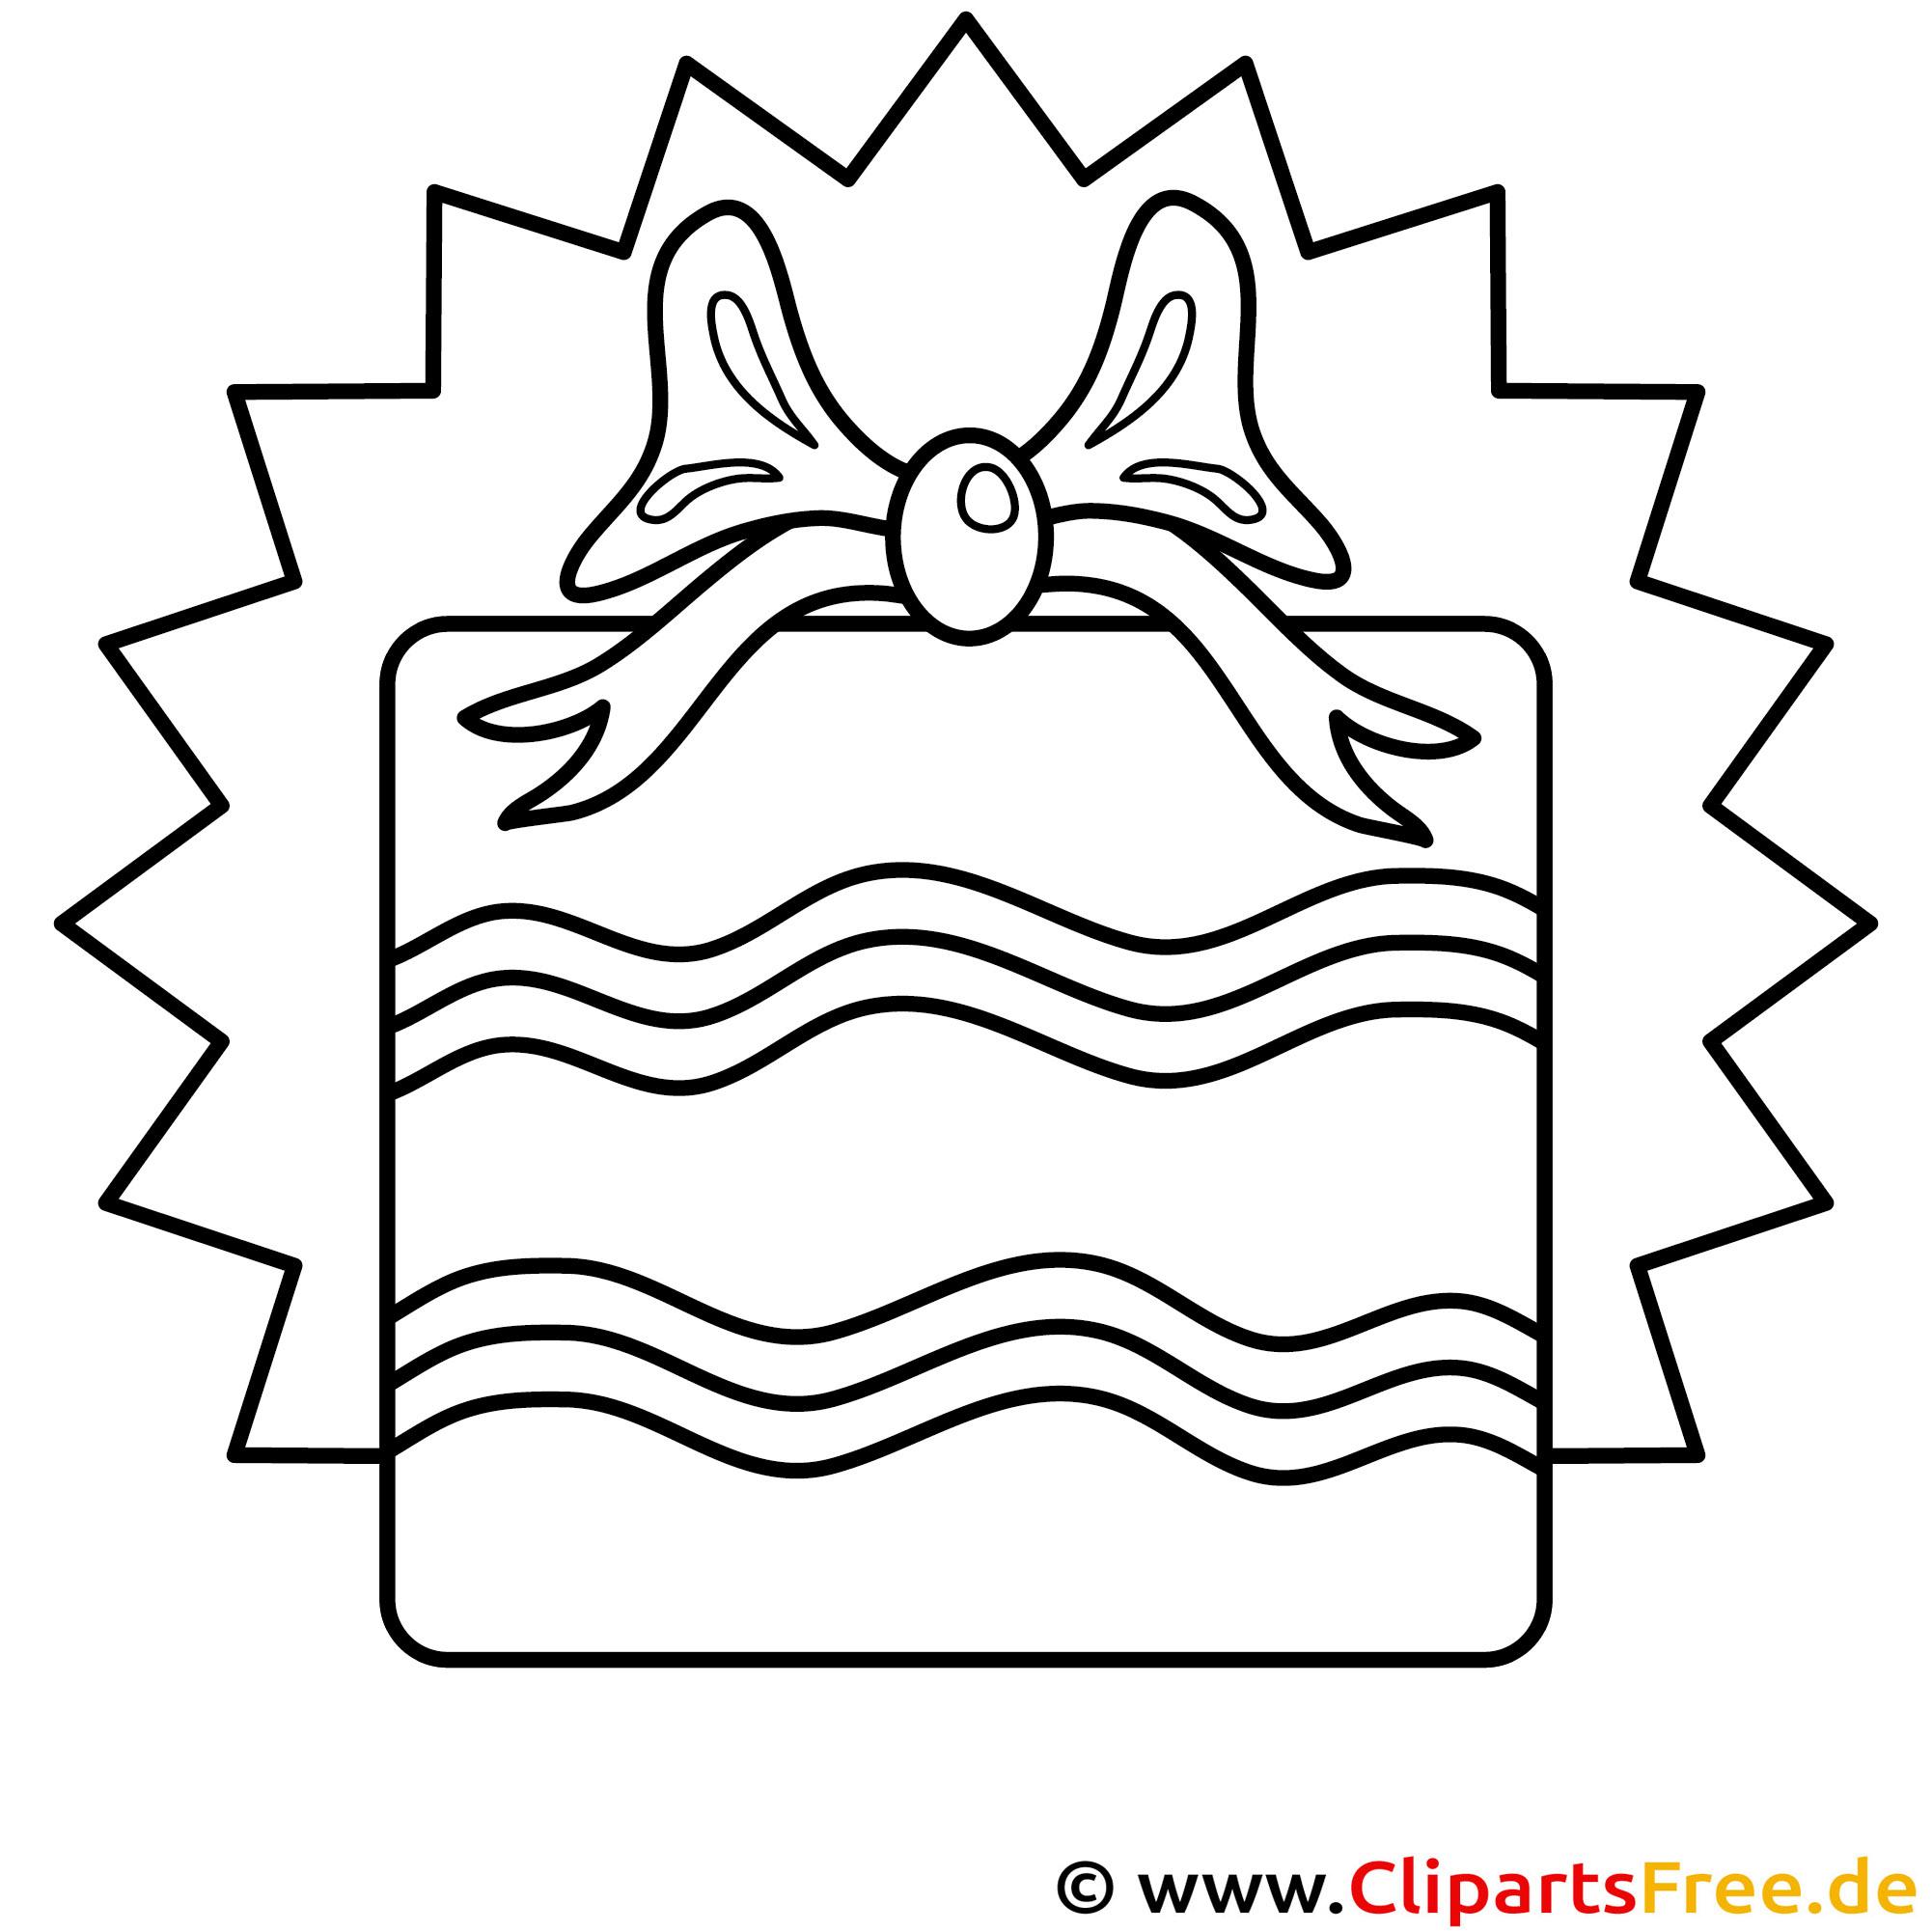 Geschenk zum Geburtstag Ausmalbild gratis